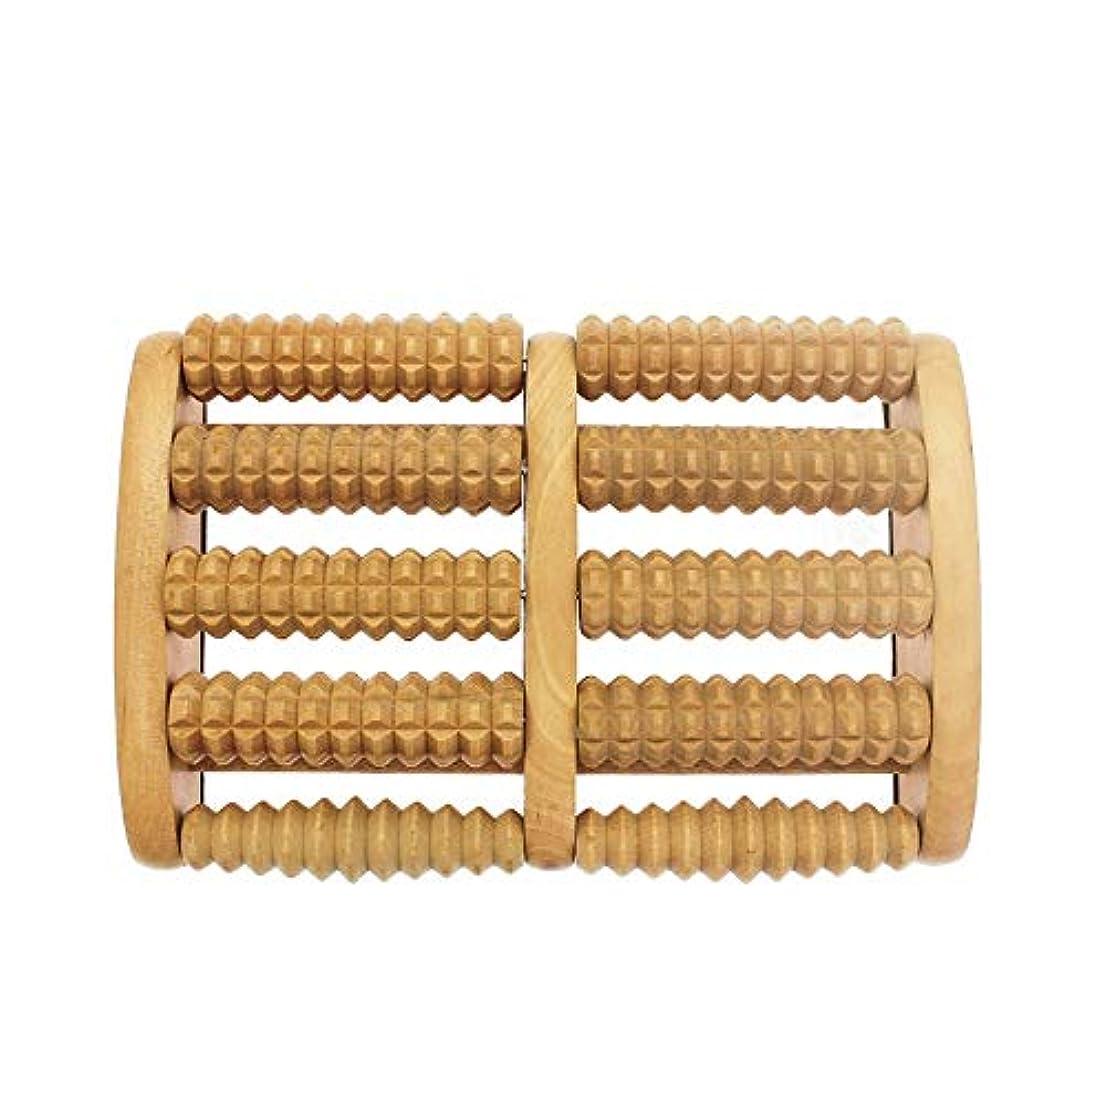 補償重要まともな木製足マッサージ機 大型デュアルマッサージローラー多機能木製フットマッサージャー人間工学に基づいたデザインフットフットマッサージローラー 足裏マッサージローラー (Color : As picture, Size : 27x18x5.5cm)